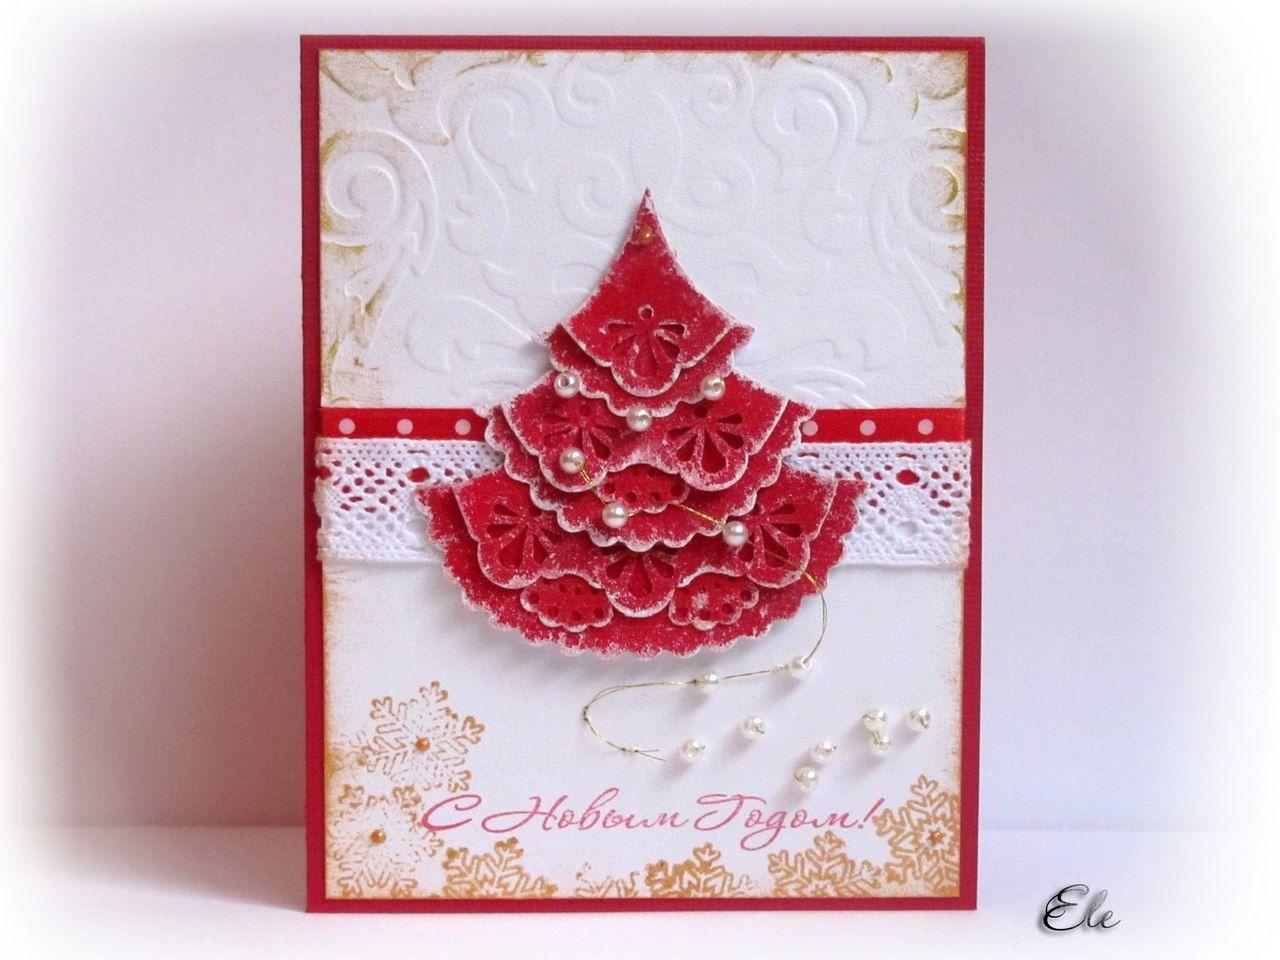 Мастер класс по изготовлению новогодней открытки своими руками из салфеток